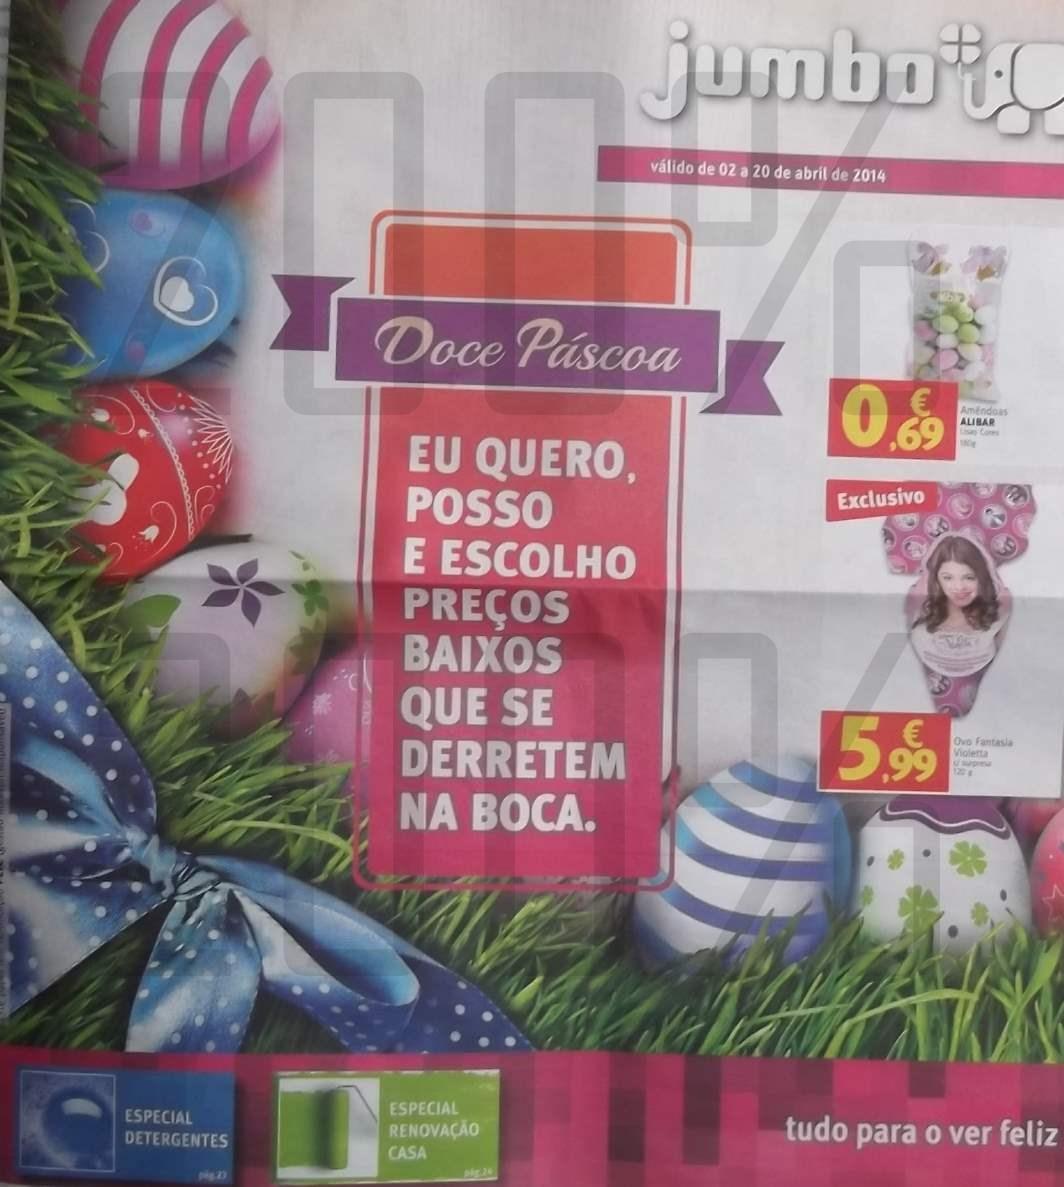 Antevisão folheto Pascoa do JUMBO de 2 a 20 abril